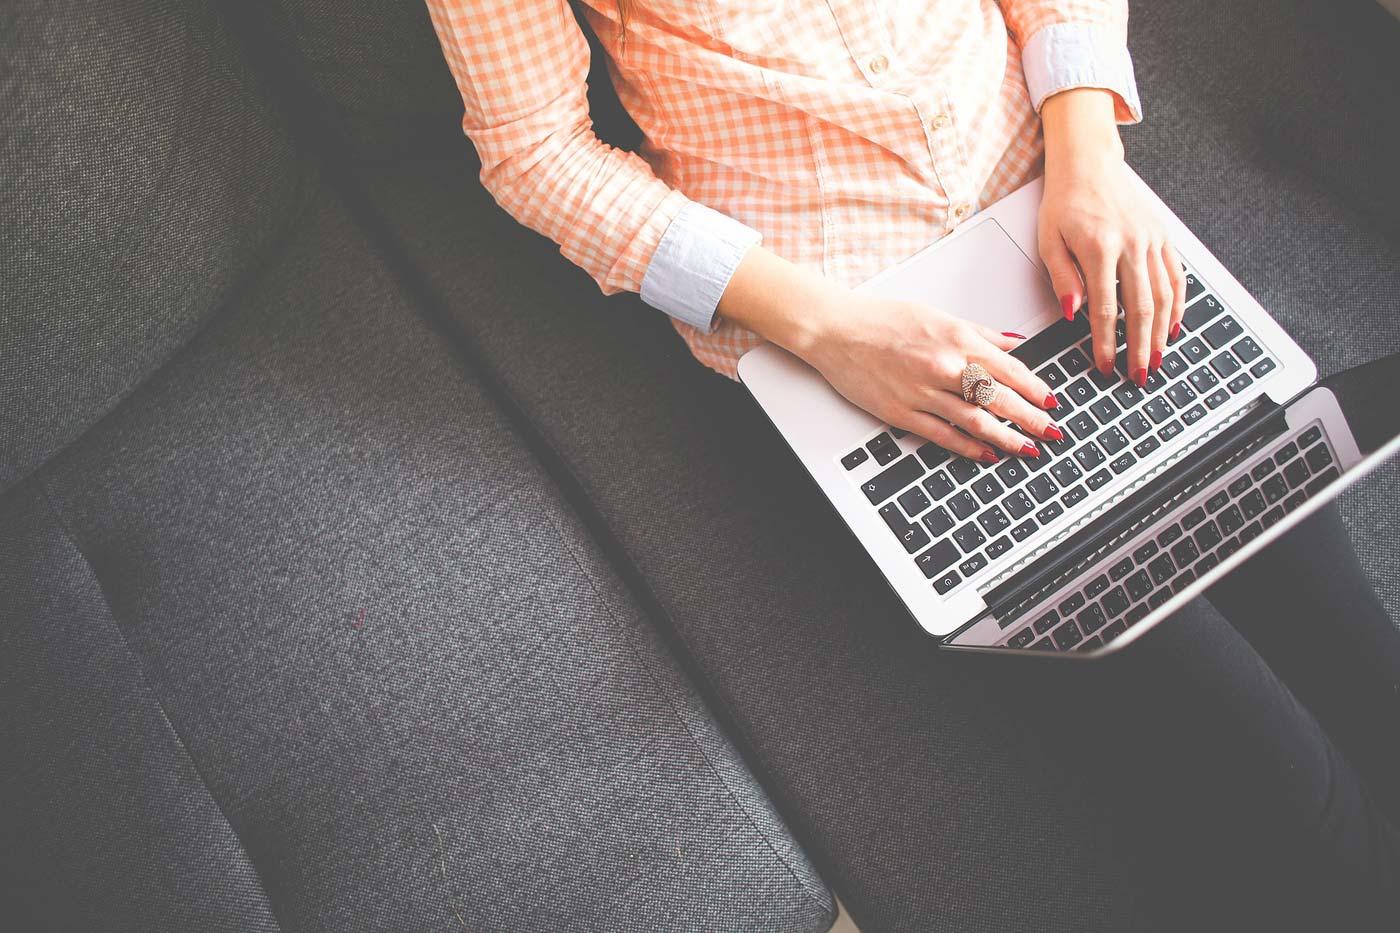 La fórmula del éxito de los blogs revelada